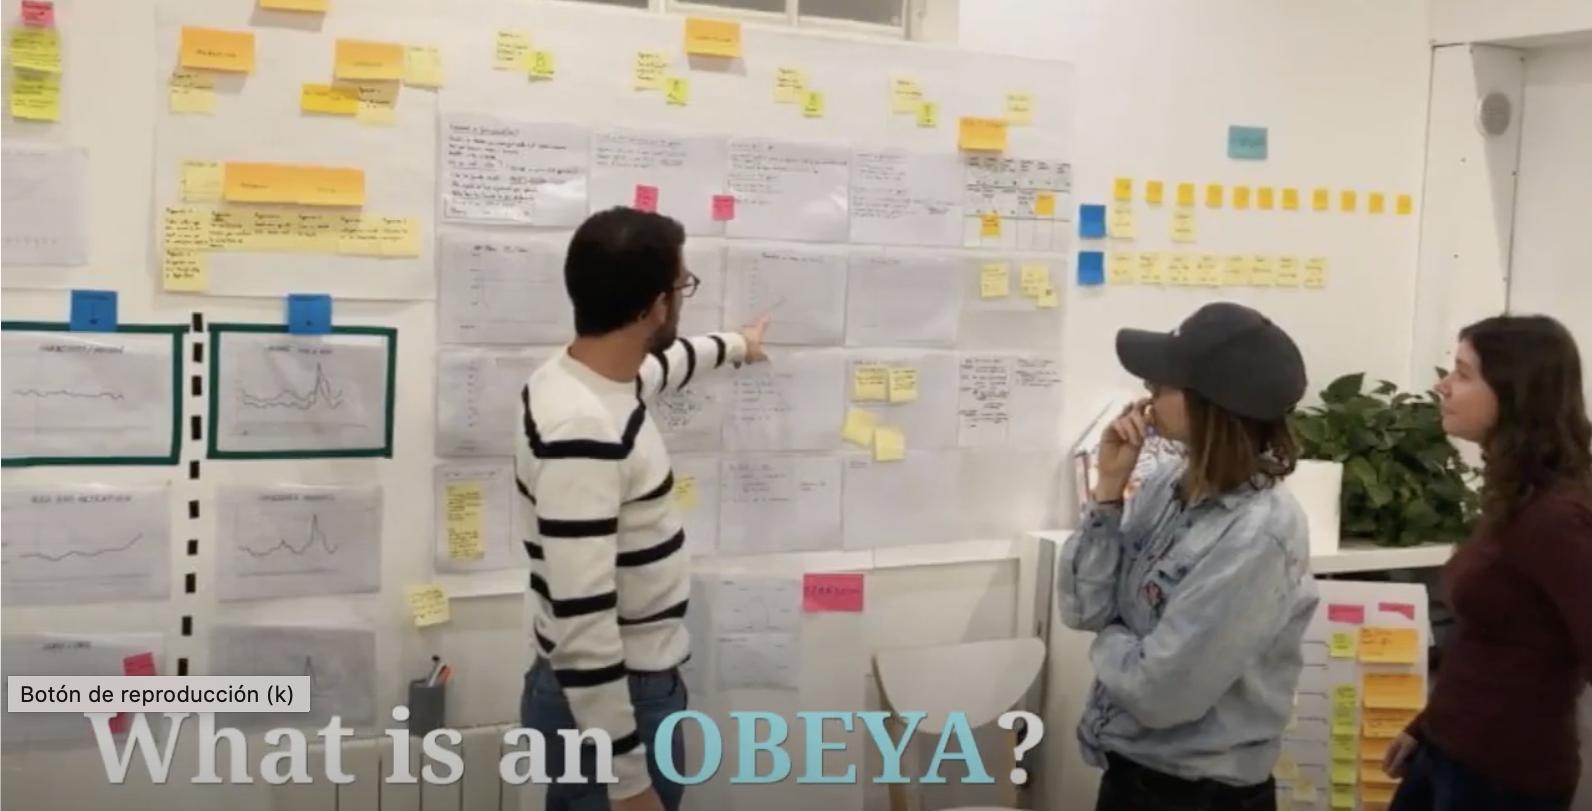 ¿Qué es una Obeya?